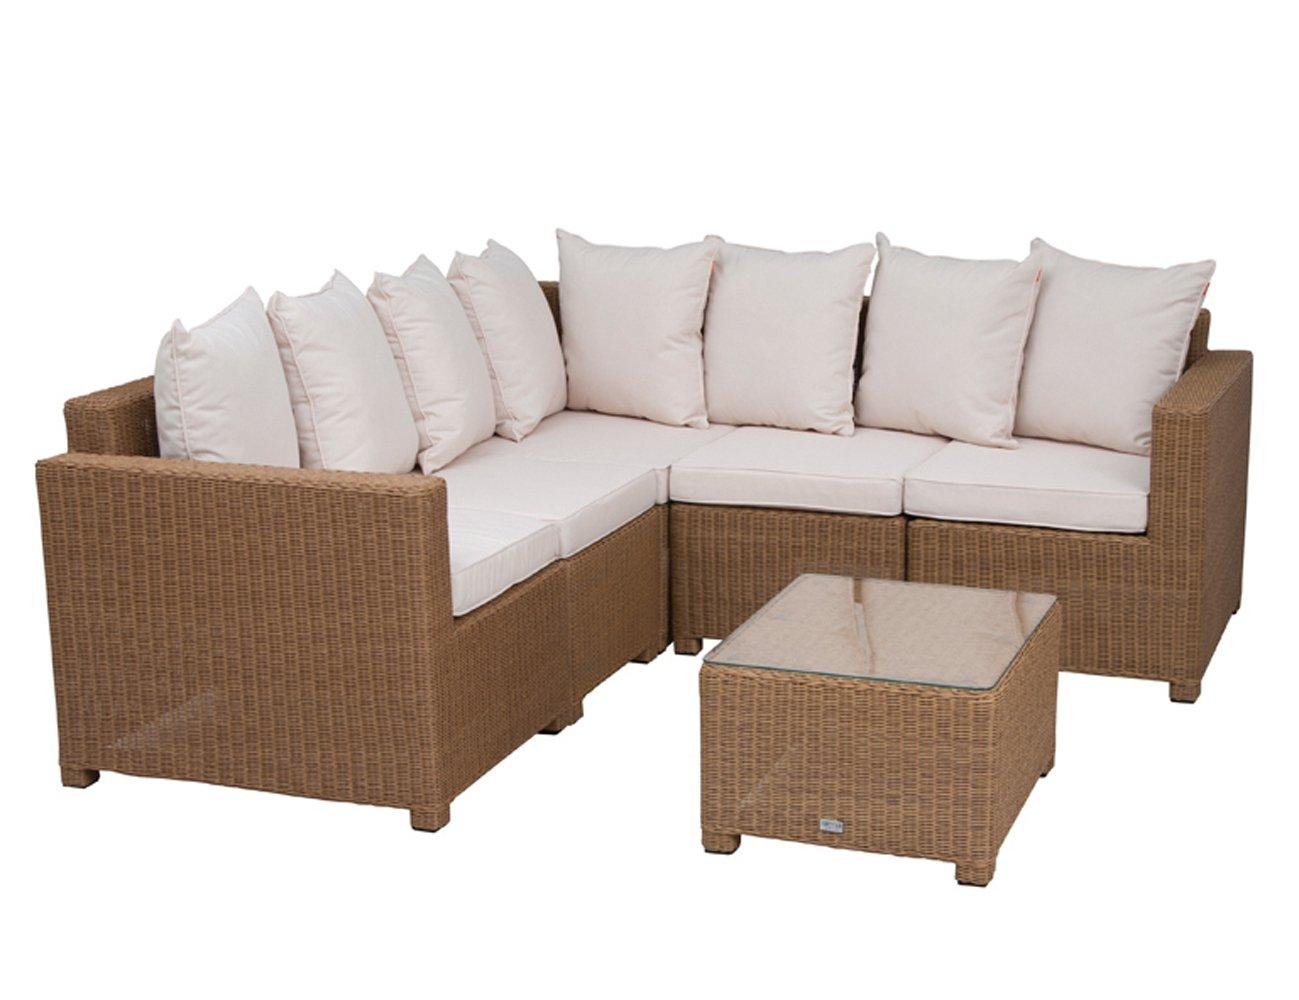 Siena Garden 800286 Lounge-Set Ancona, Aluminium-Untergestell, Gardino-Geflecht hellbraun, Kissen natur